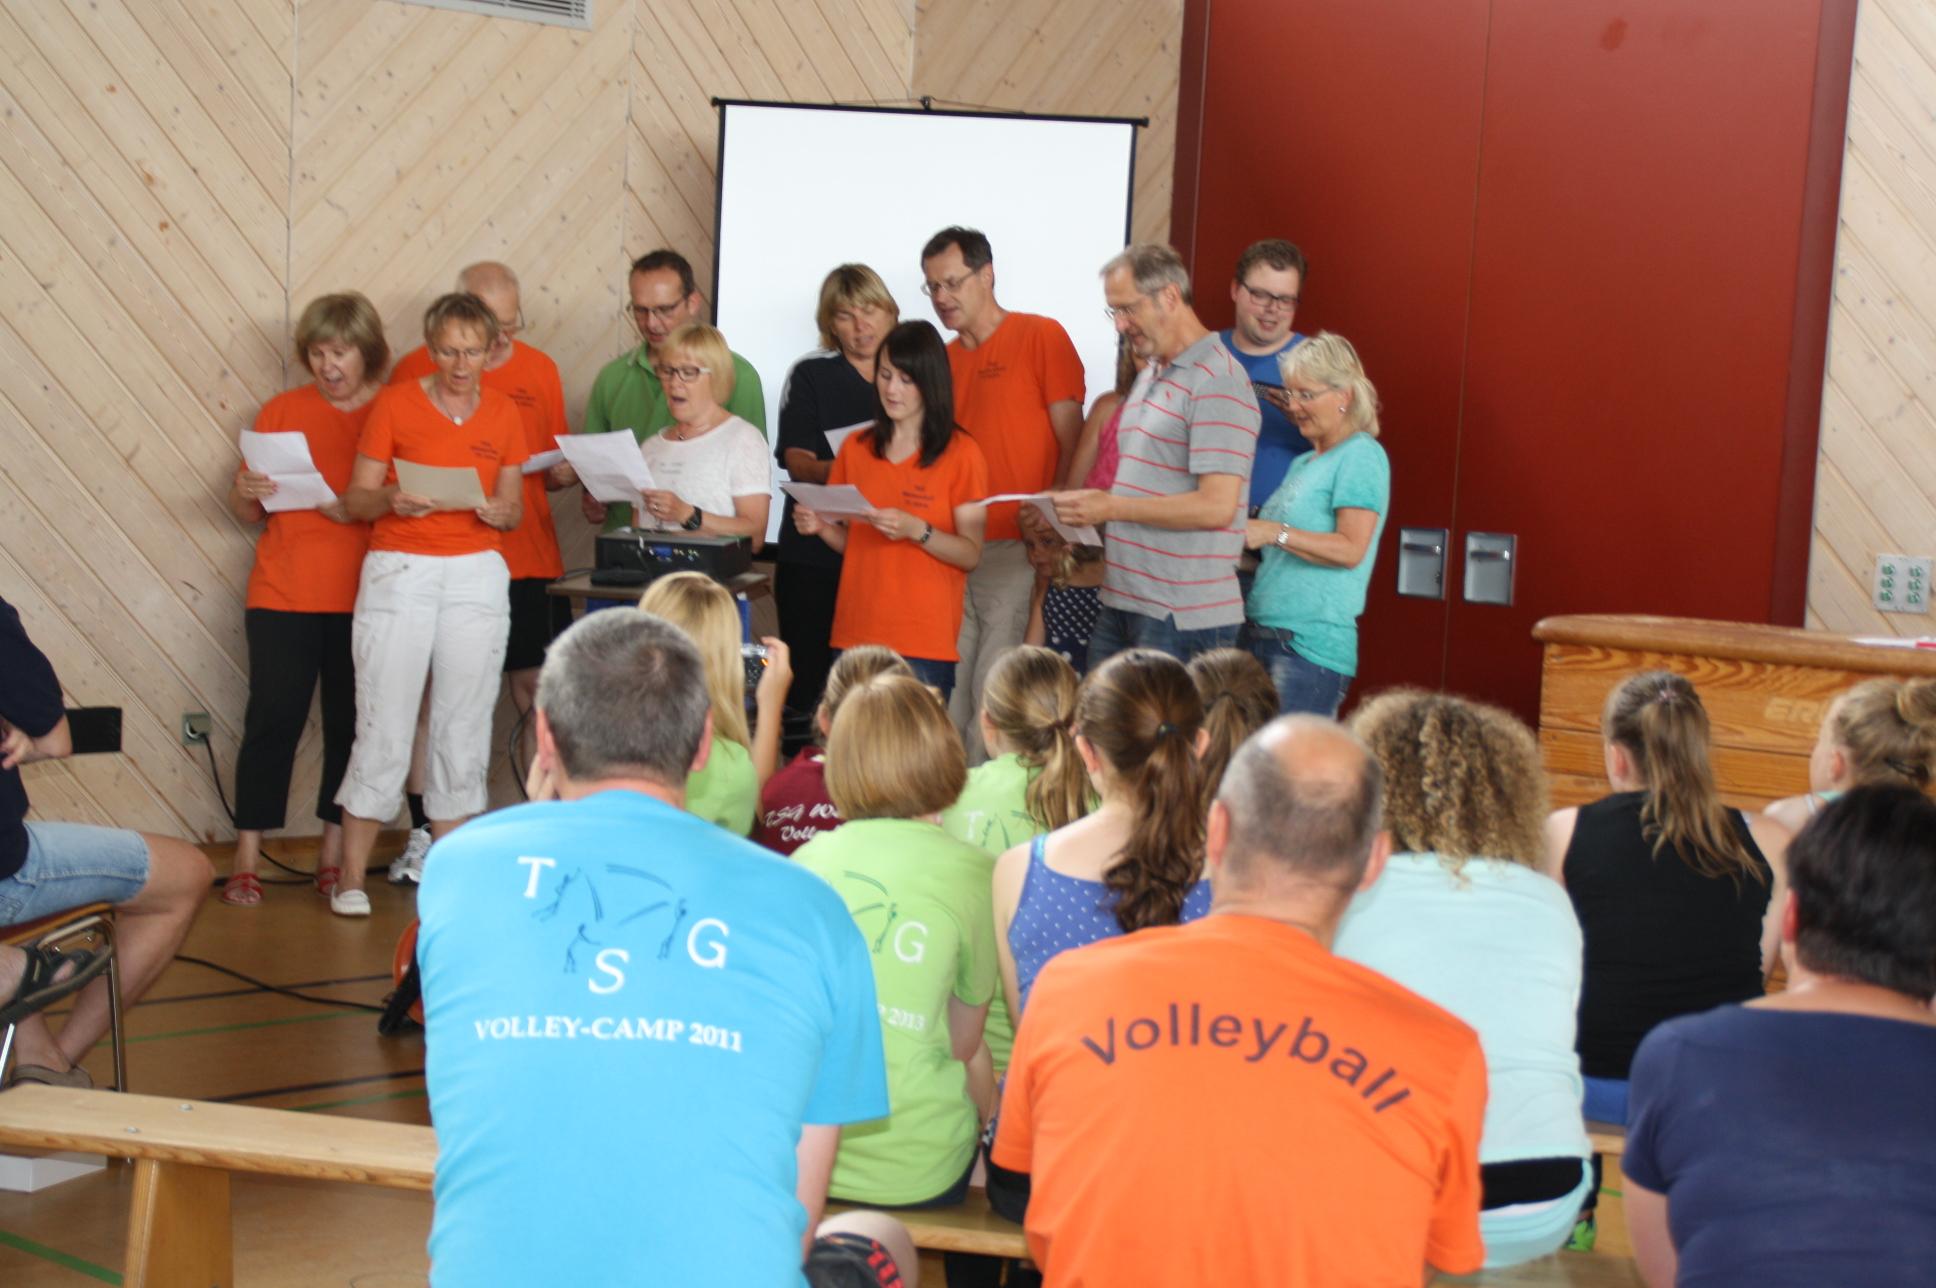 Zur Überraschung gab es ein besonderes Geburtstagsständchen, das tolle 40 Jahre Volleyball in Reimen wiedergab.